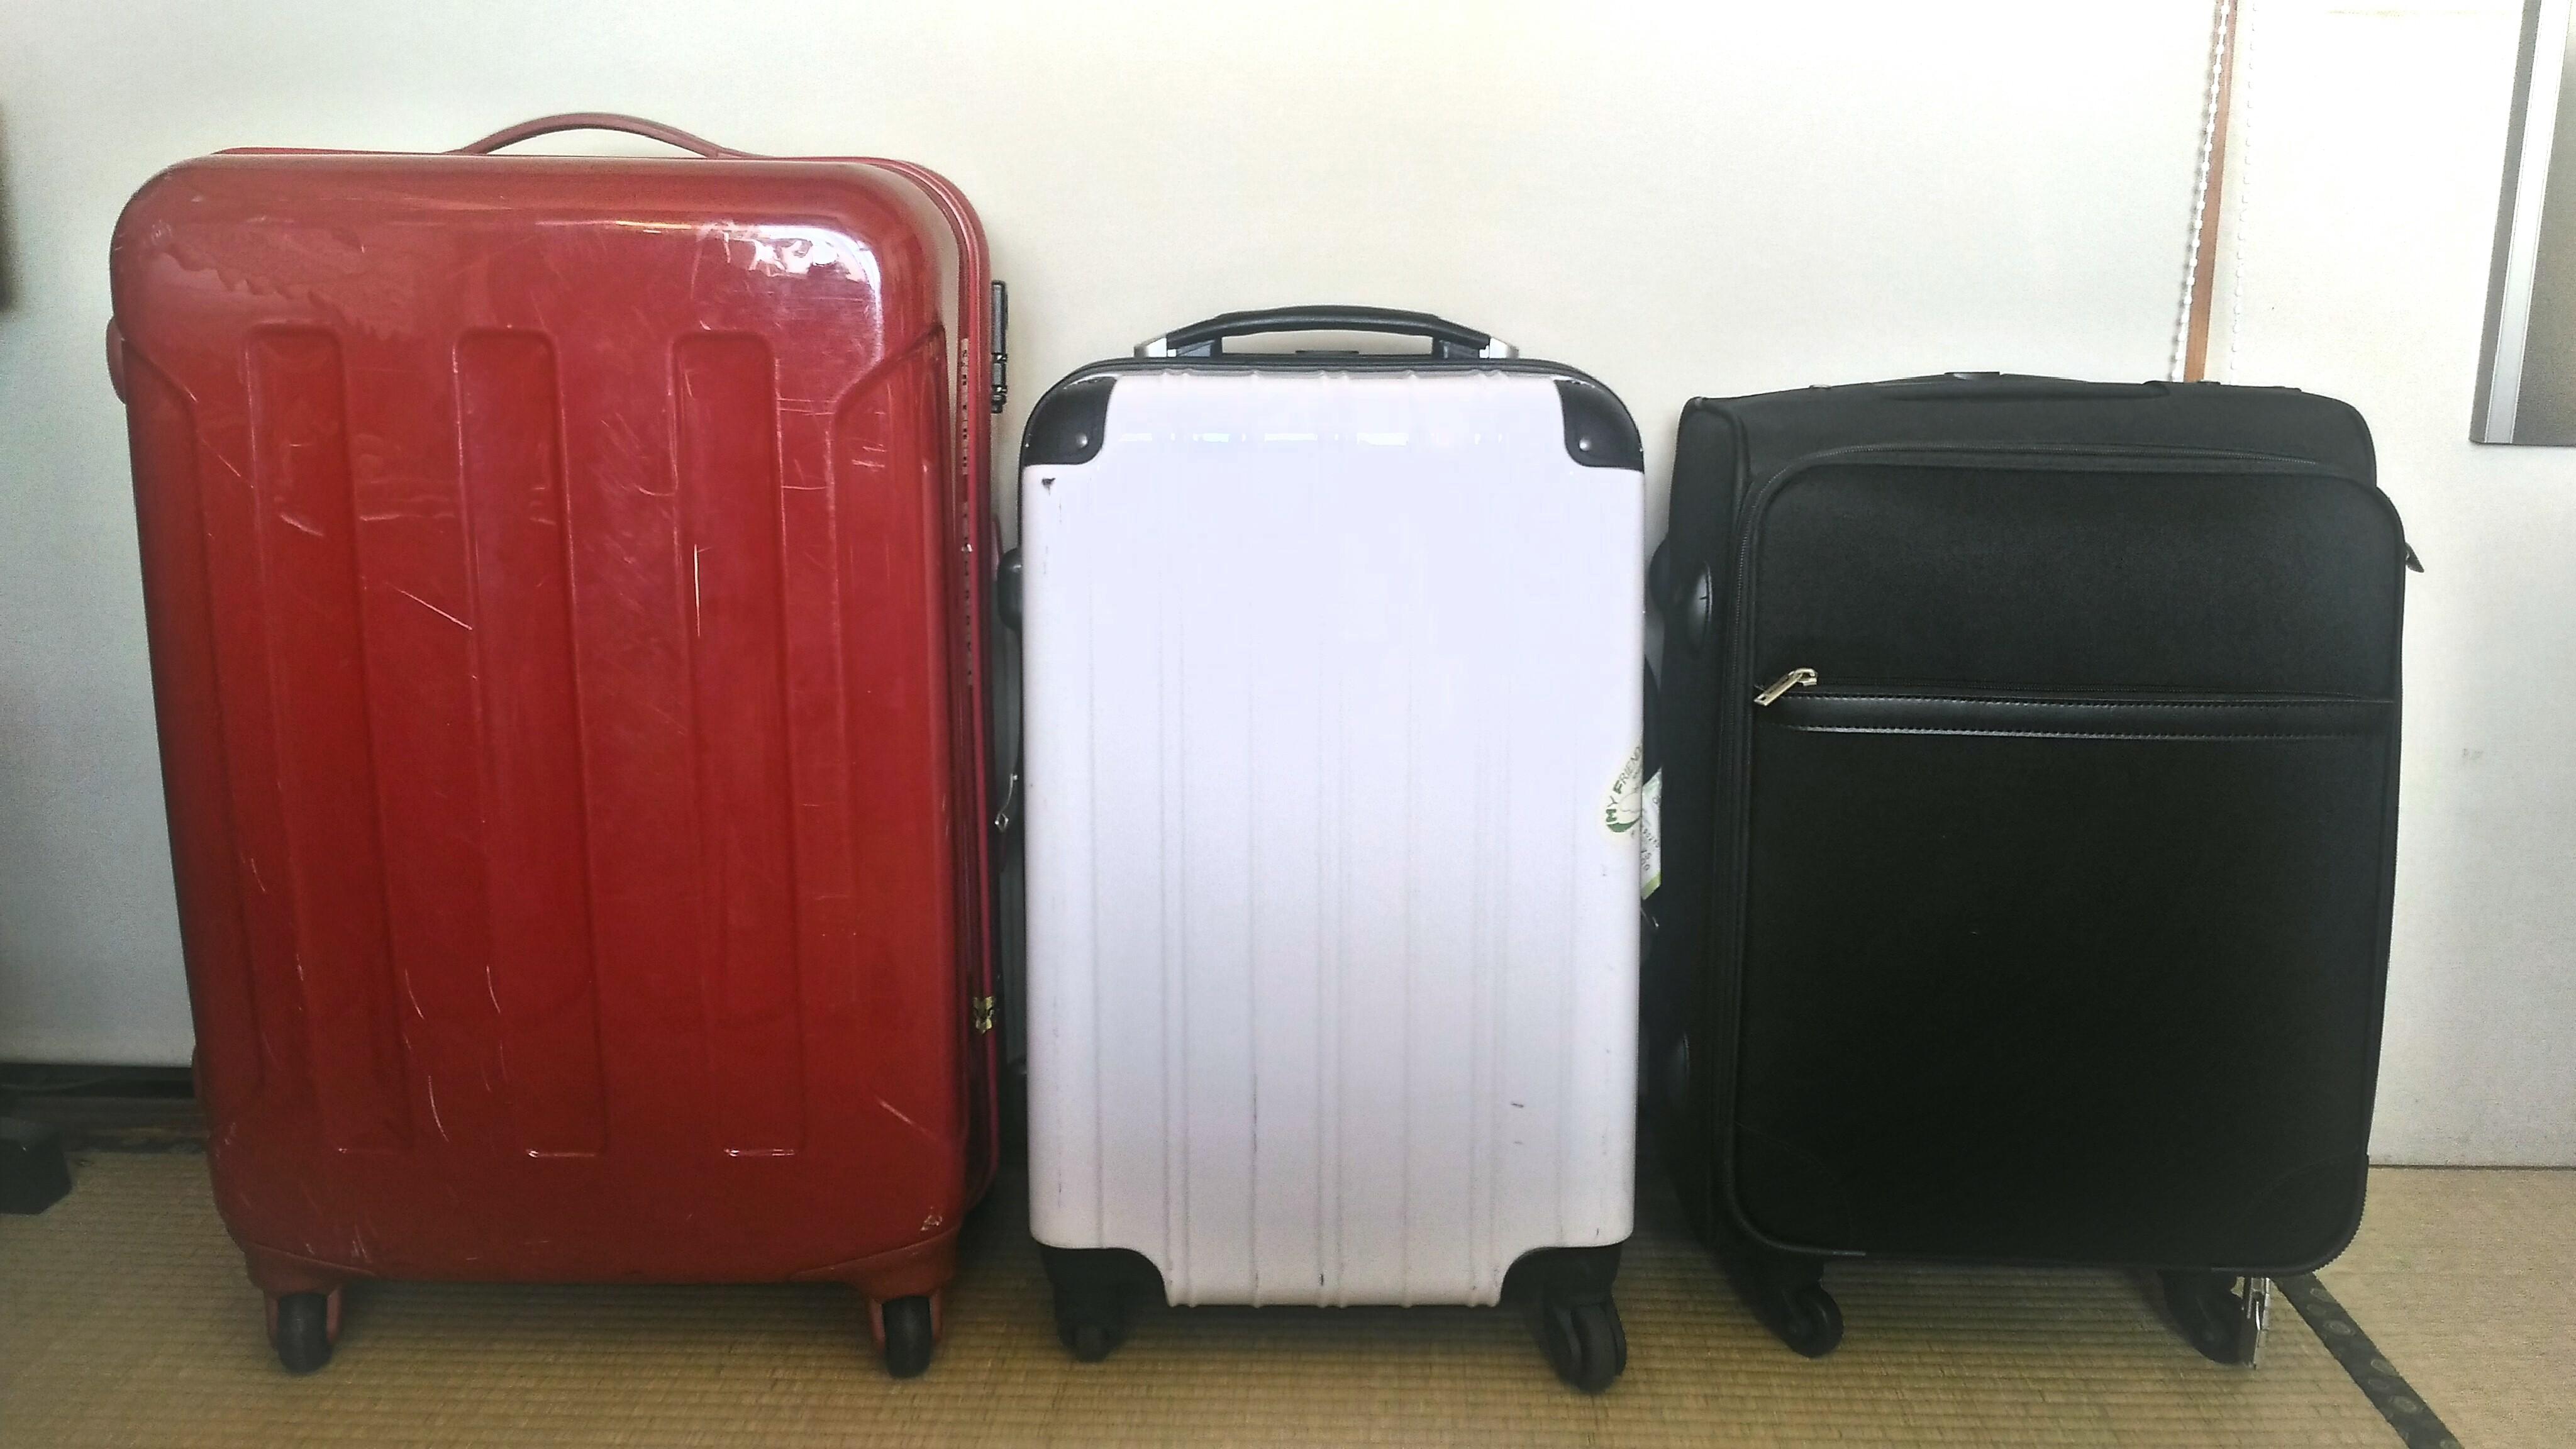 ワーホリだけどLサイズのスーツケースは持っていきません!私がMSサイズのスーツケースを選んだ理由